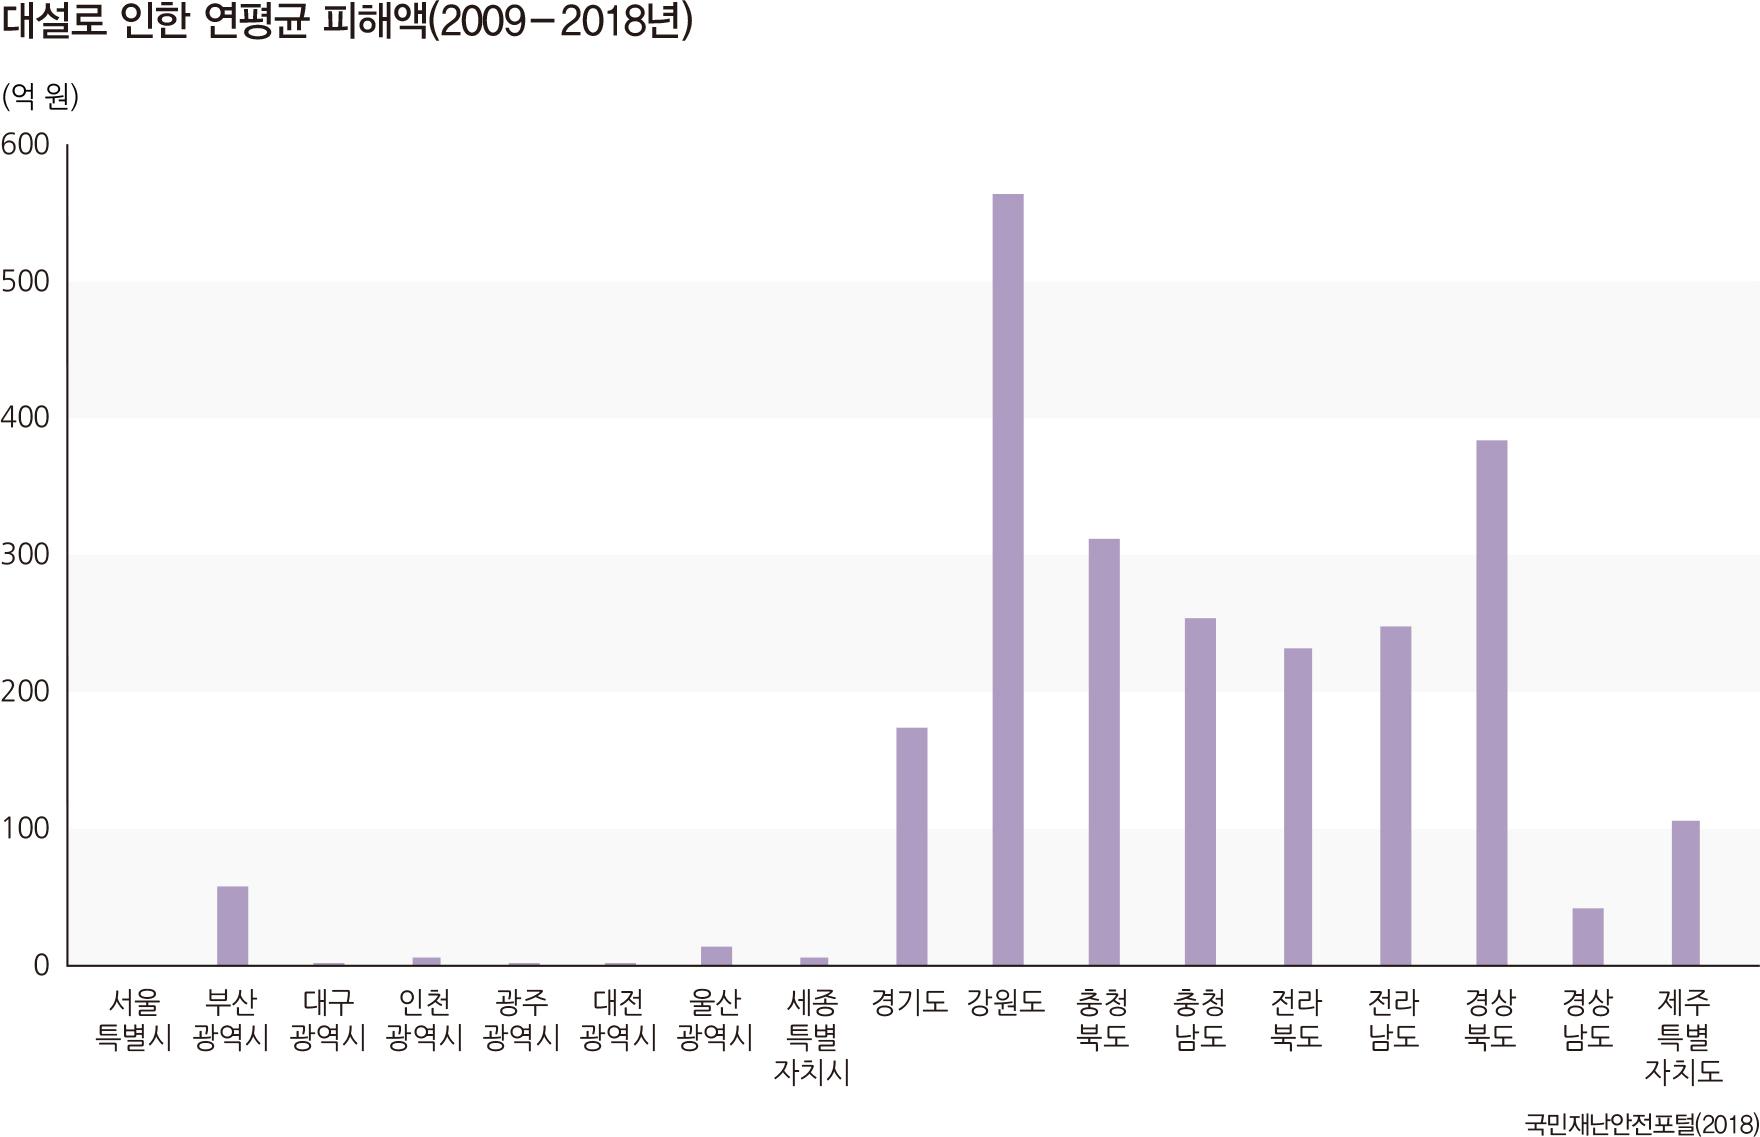 대설로 인한 연평균 피해액(2009 - 2018년)